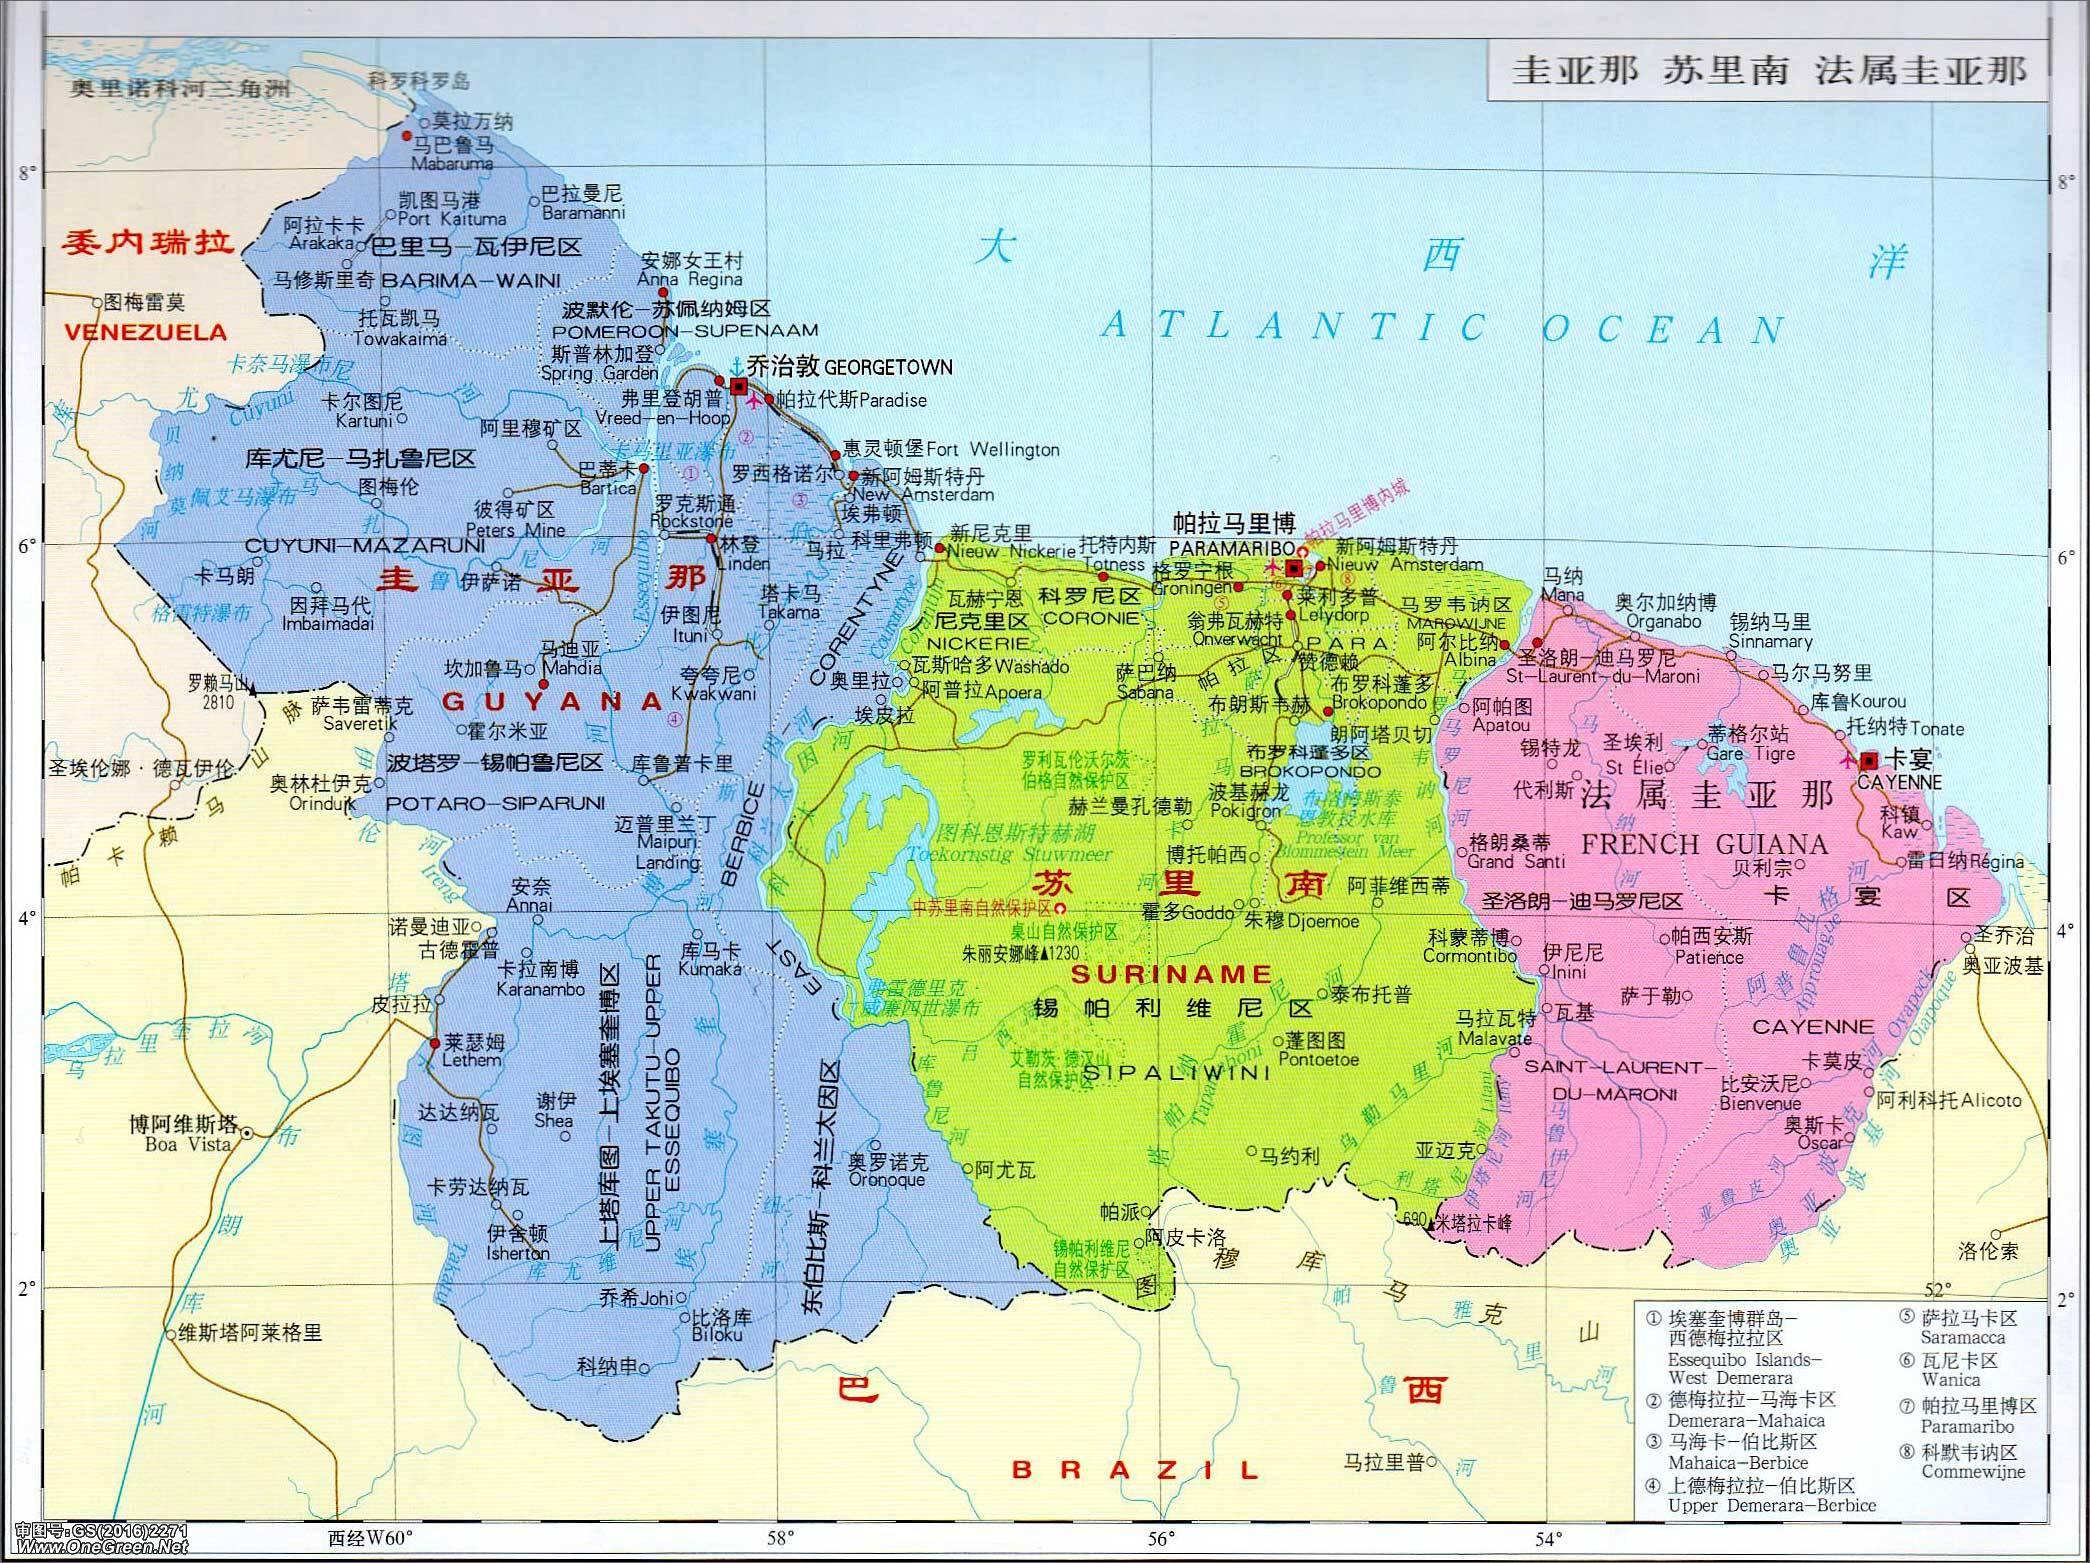 巴拉圭历史地图_法属圭亚那地图全图_法属圭亚那地图库_地图窝